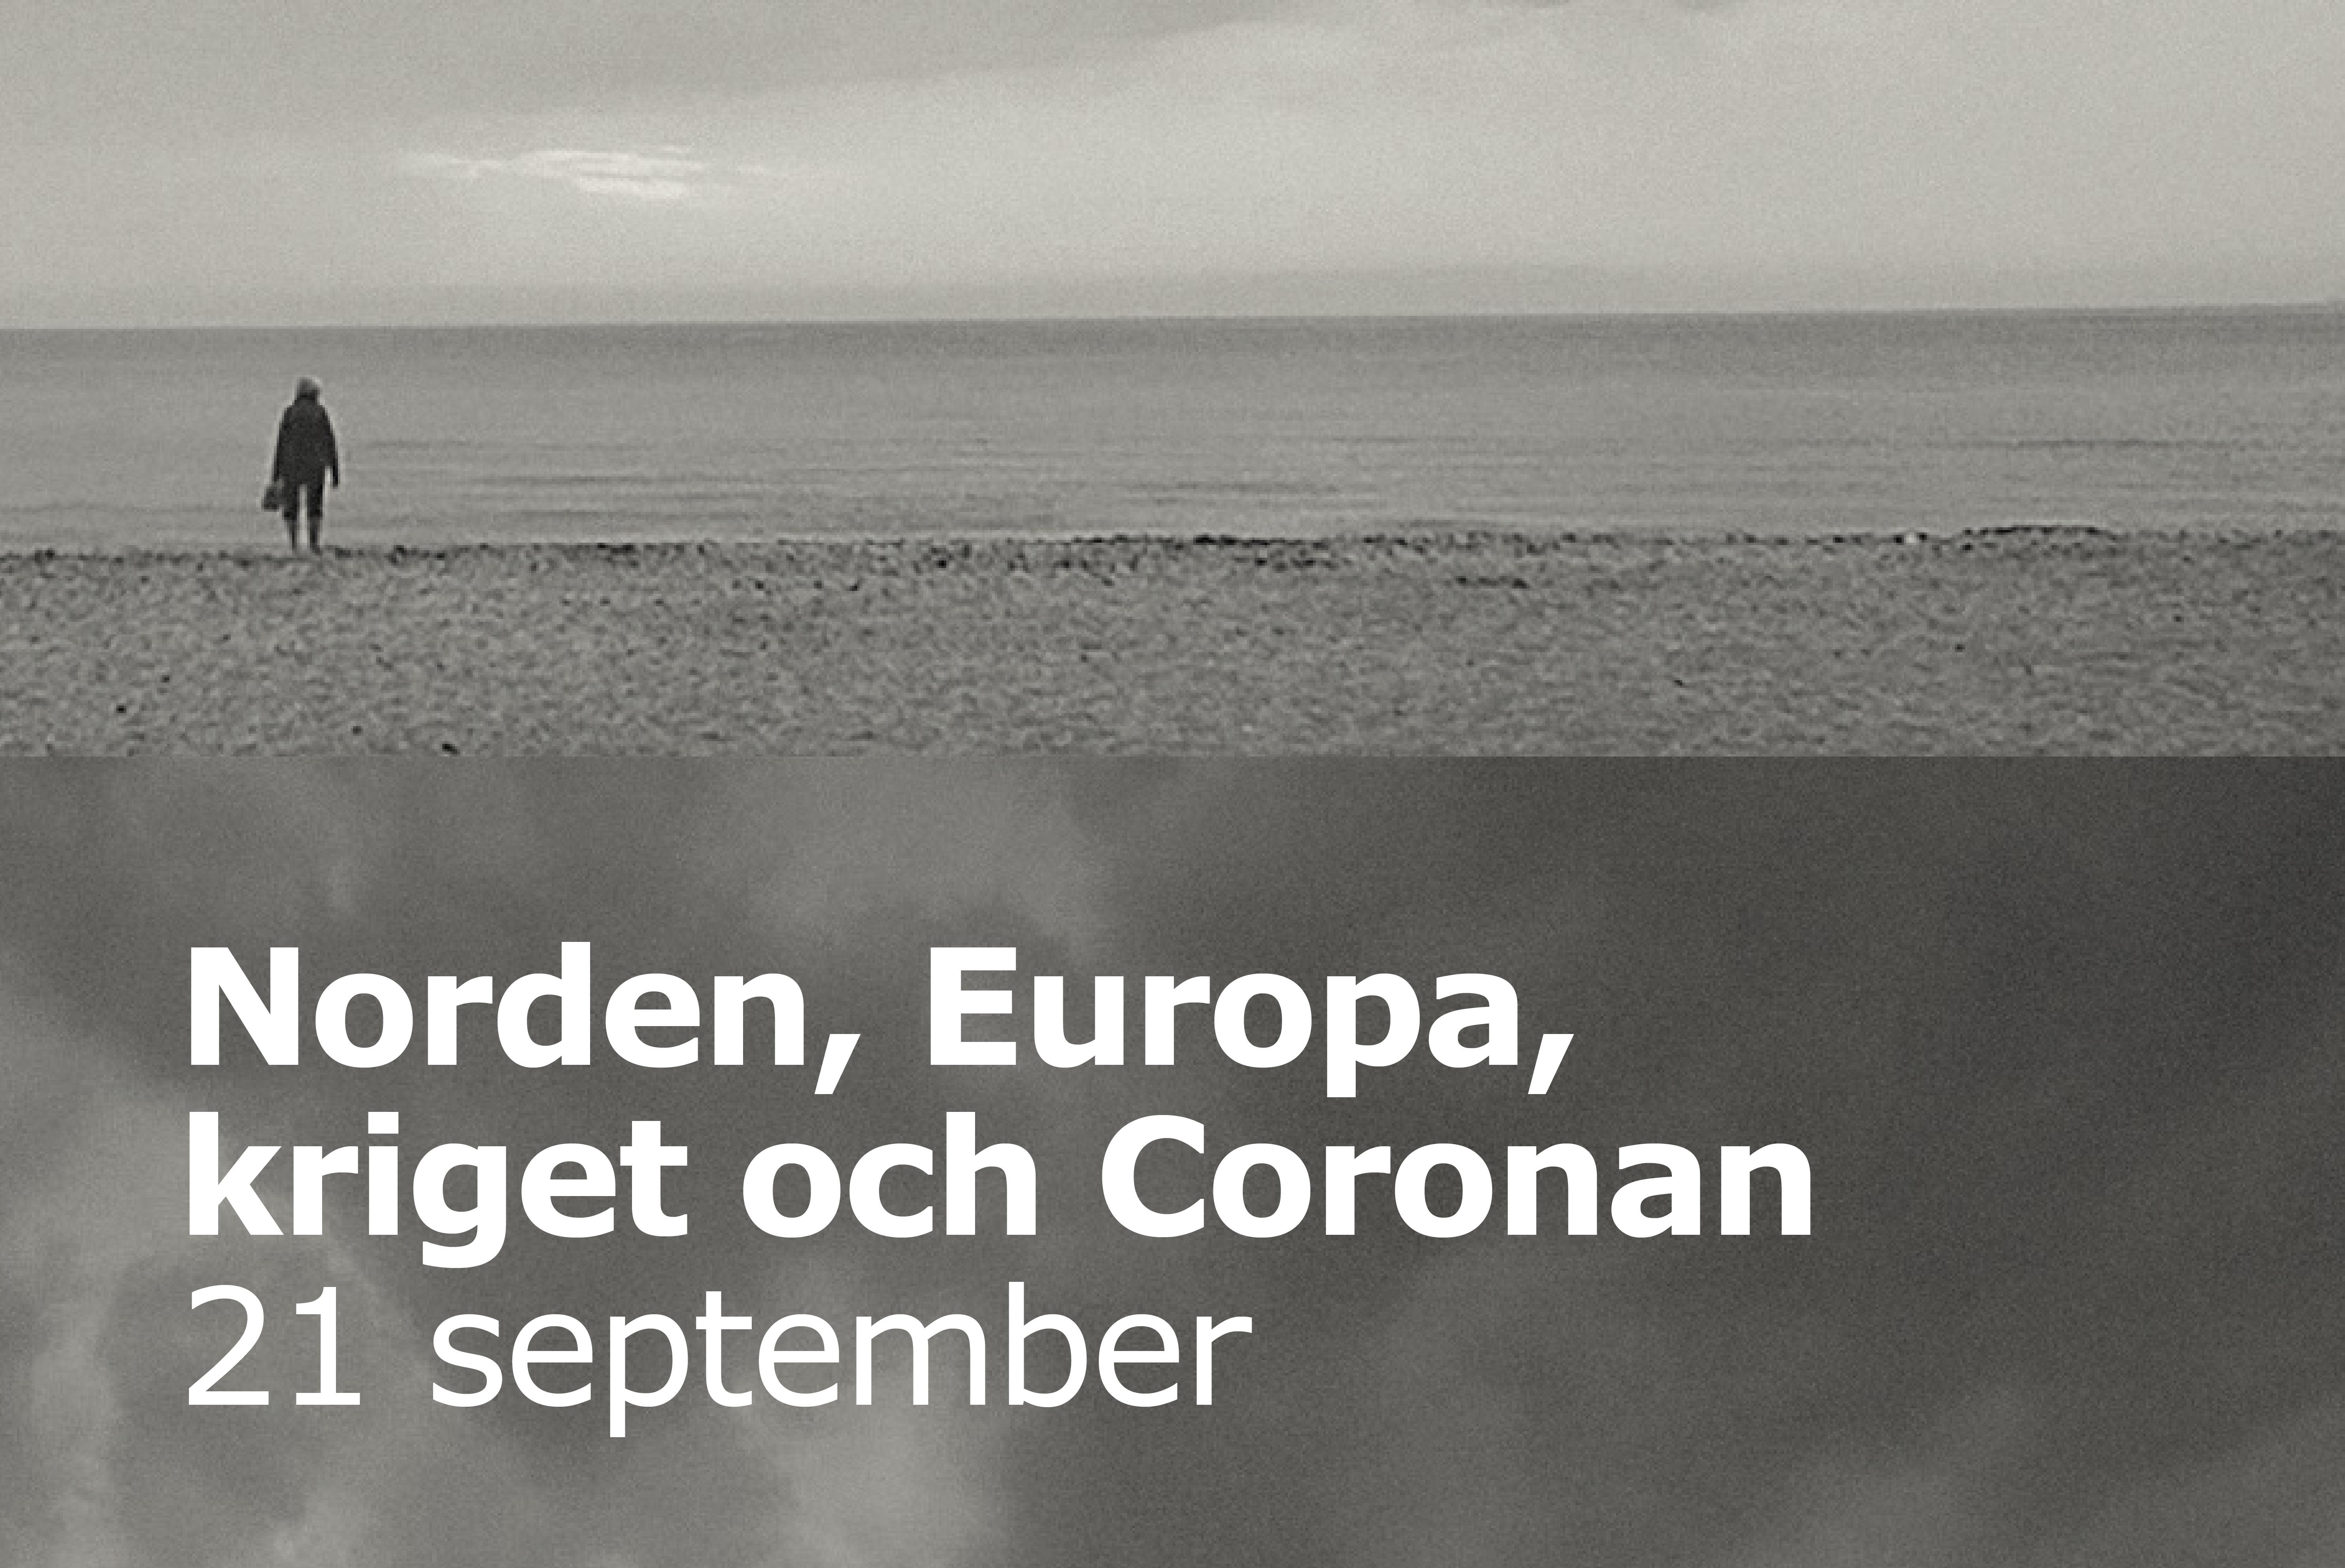 Norden, Europa, kriget och coronan